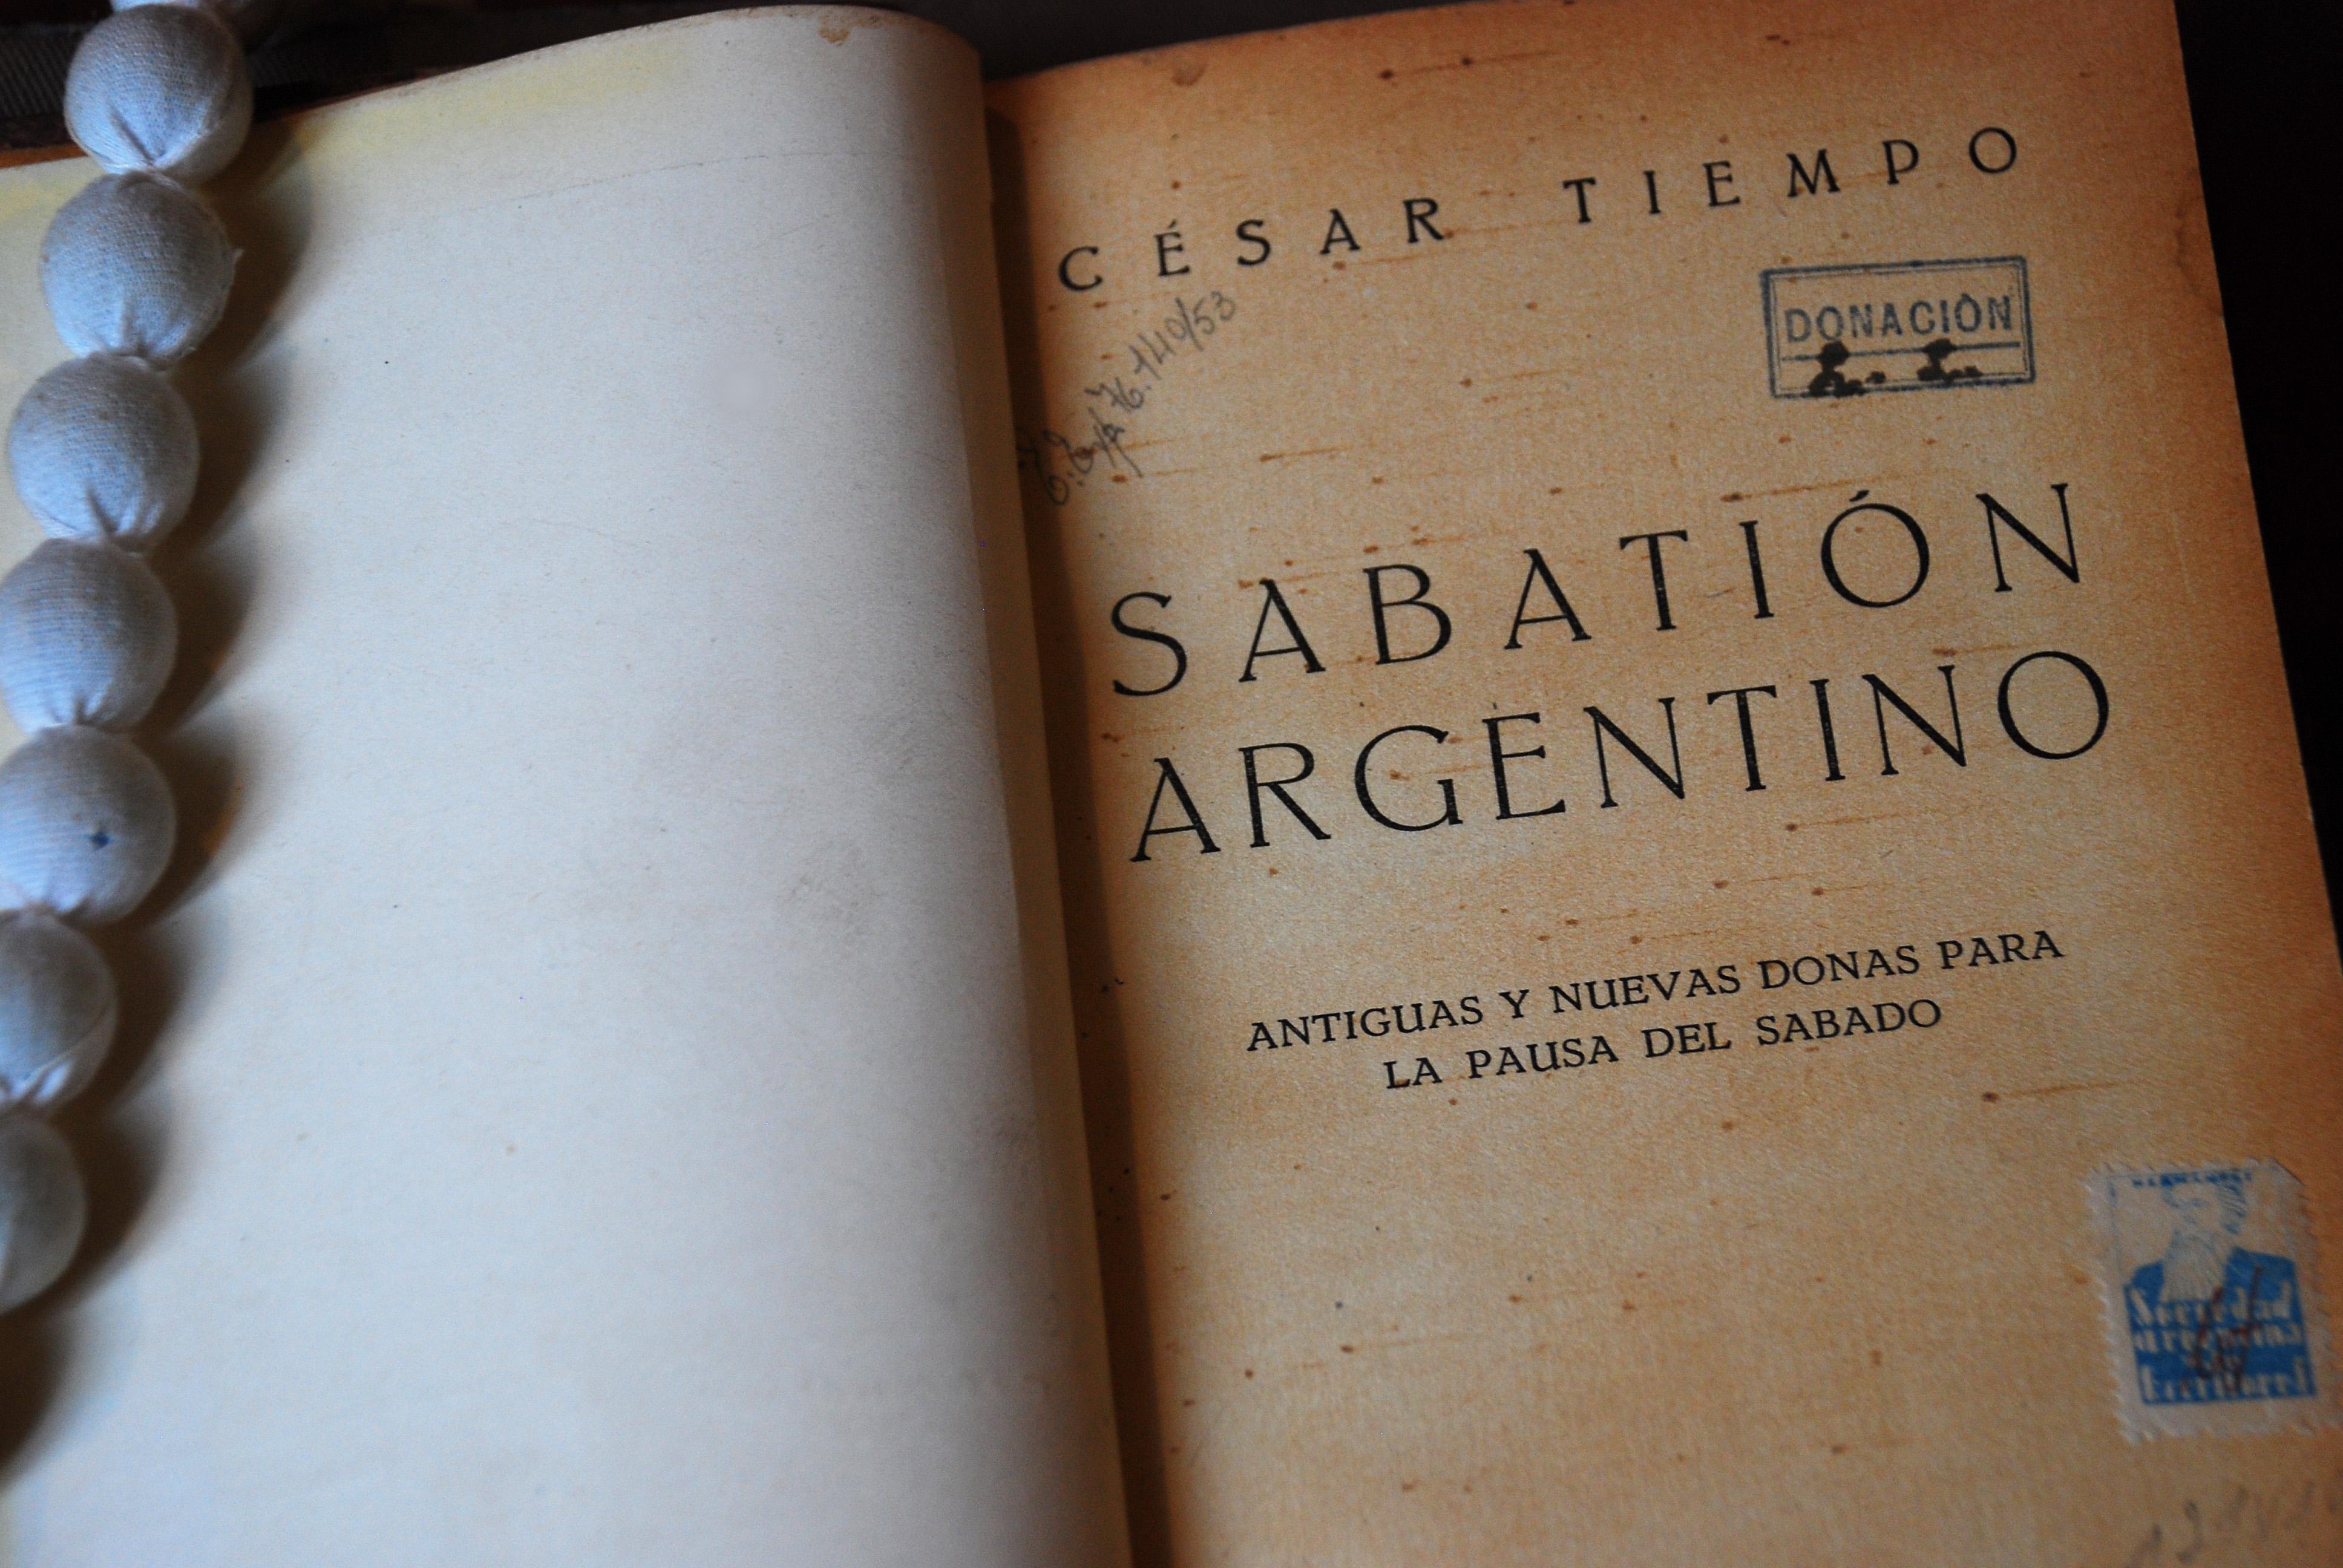 Sabatión argentino : antiguas y nuevas donas para la pausa del sábado